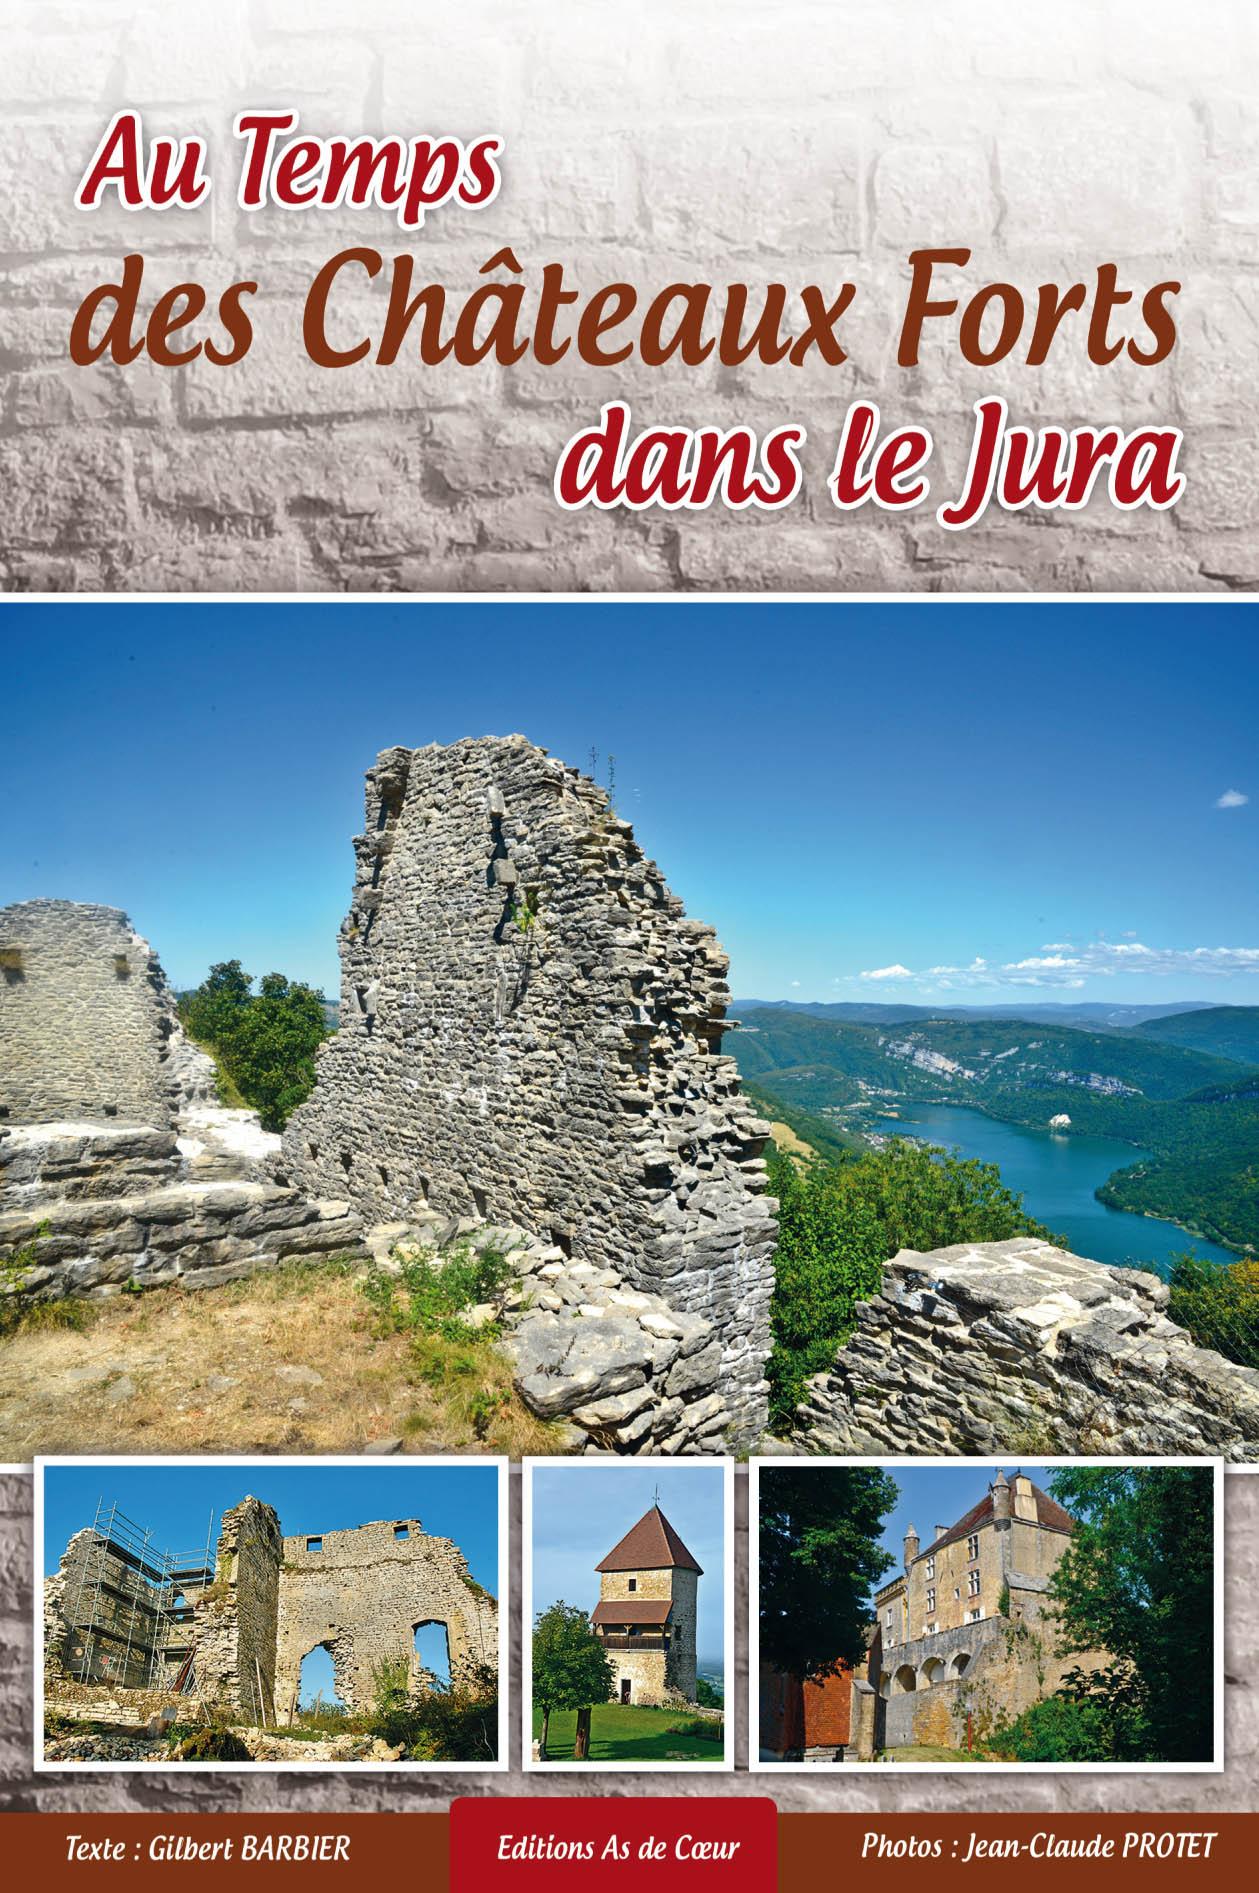 Le Jura Francais N°311 Revue des Livres 1 Au temps des Chateaux forts dans le Jura - Gilbert Barbier J-C Protet